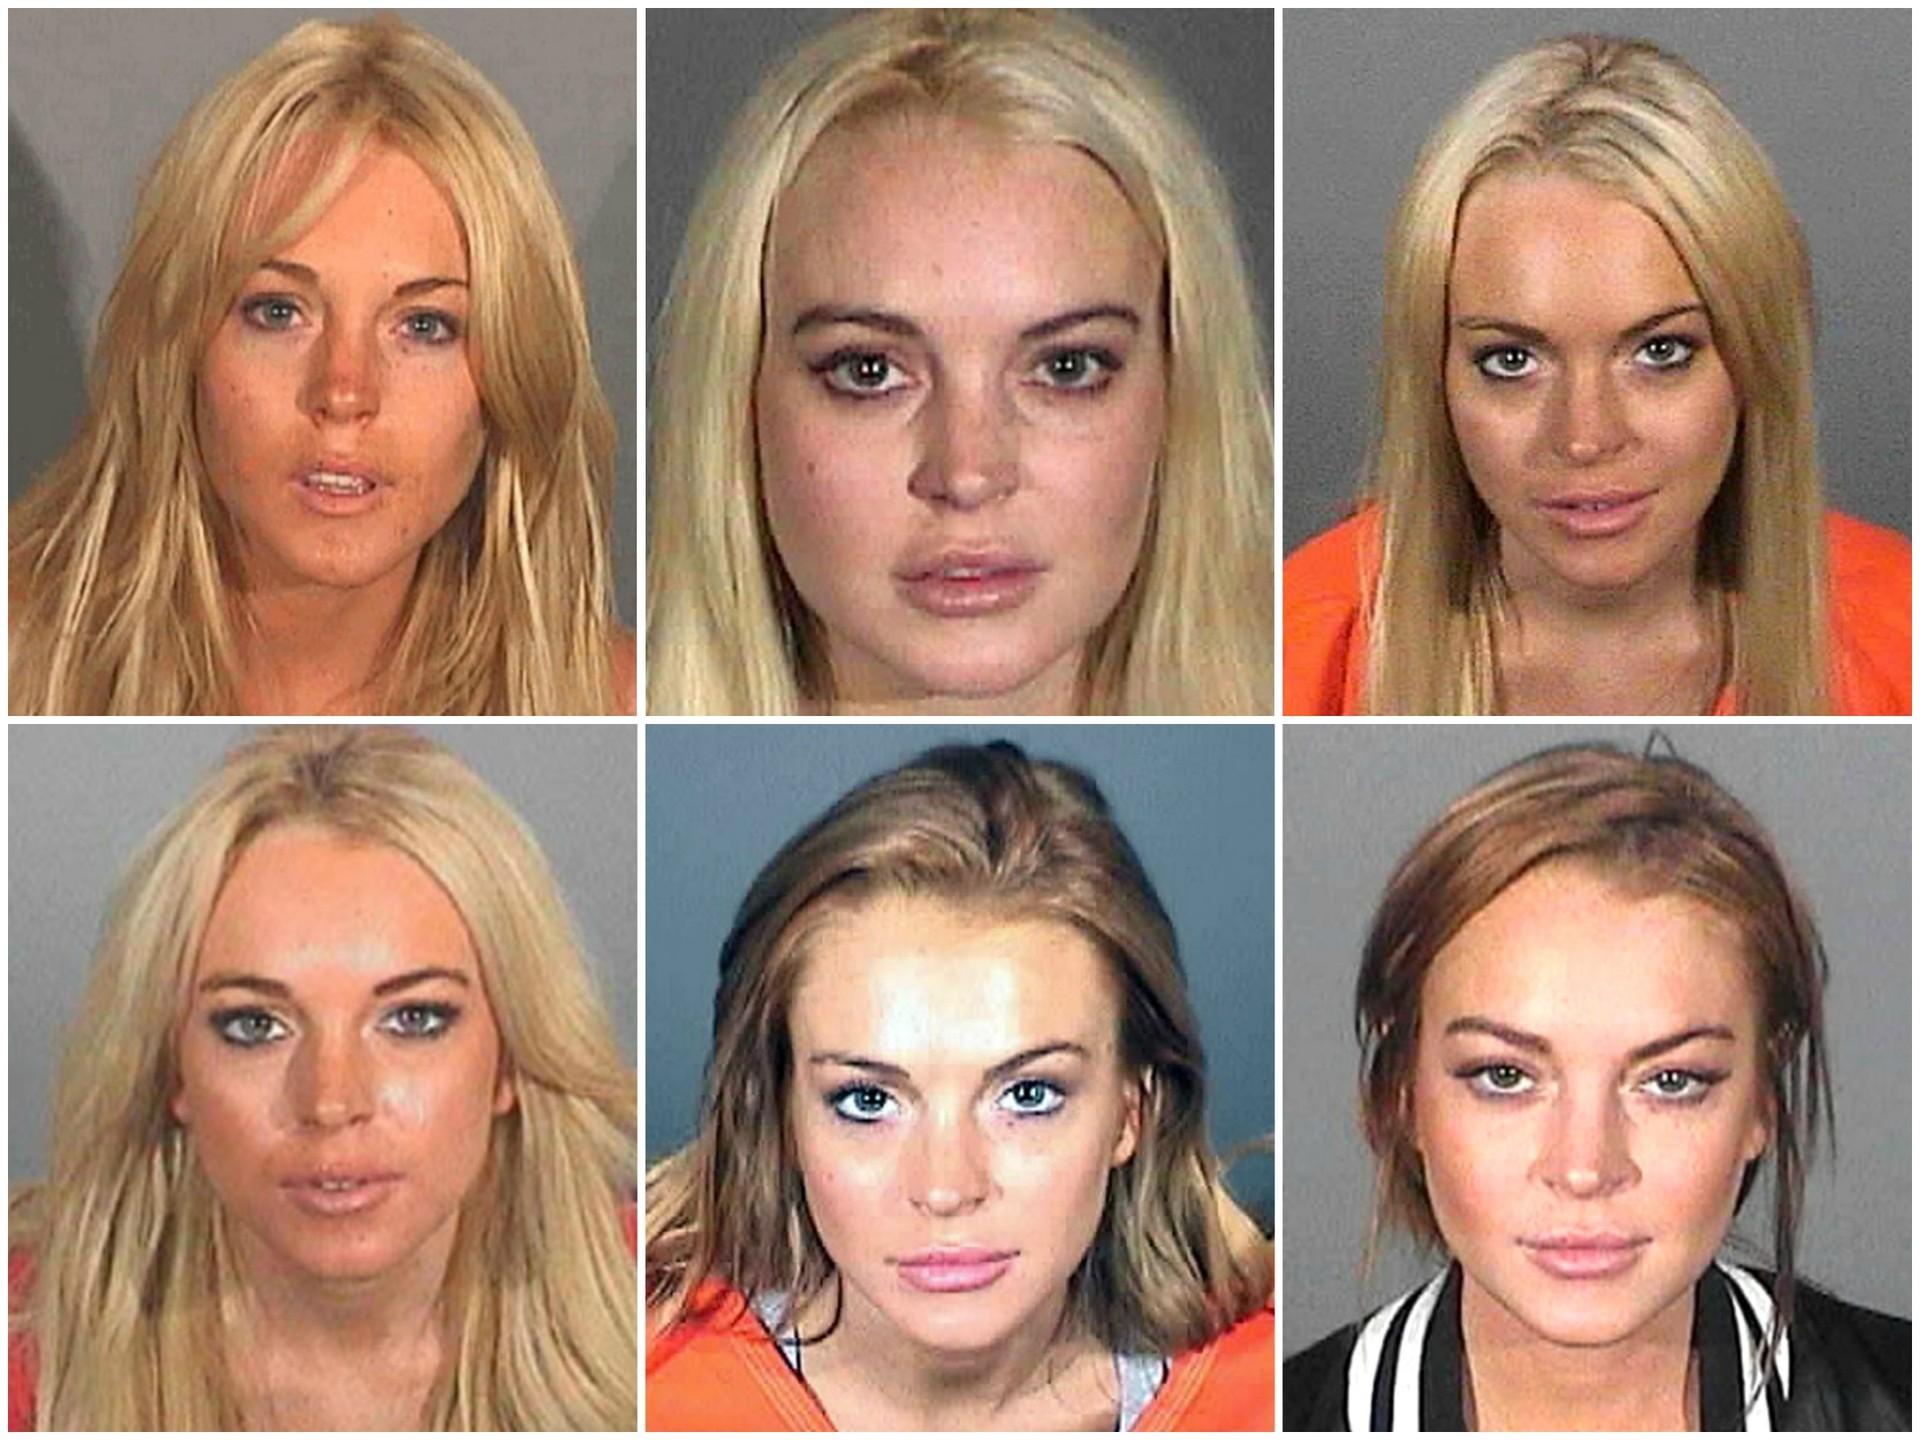 Lindsay Lohan ao longo dos últimos anos. Acusações: tirar racha, porte de drogas (cocaína), dirigir alcoolizada (várias vezes), dirigir com a licença suspeita etc. etc. etc. (Foto: Divulgação)